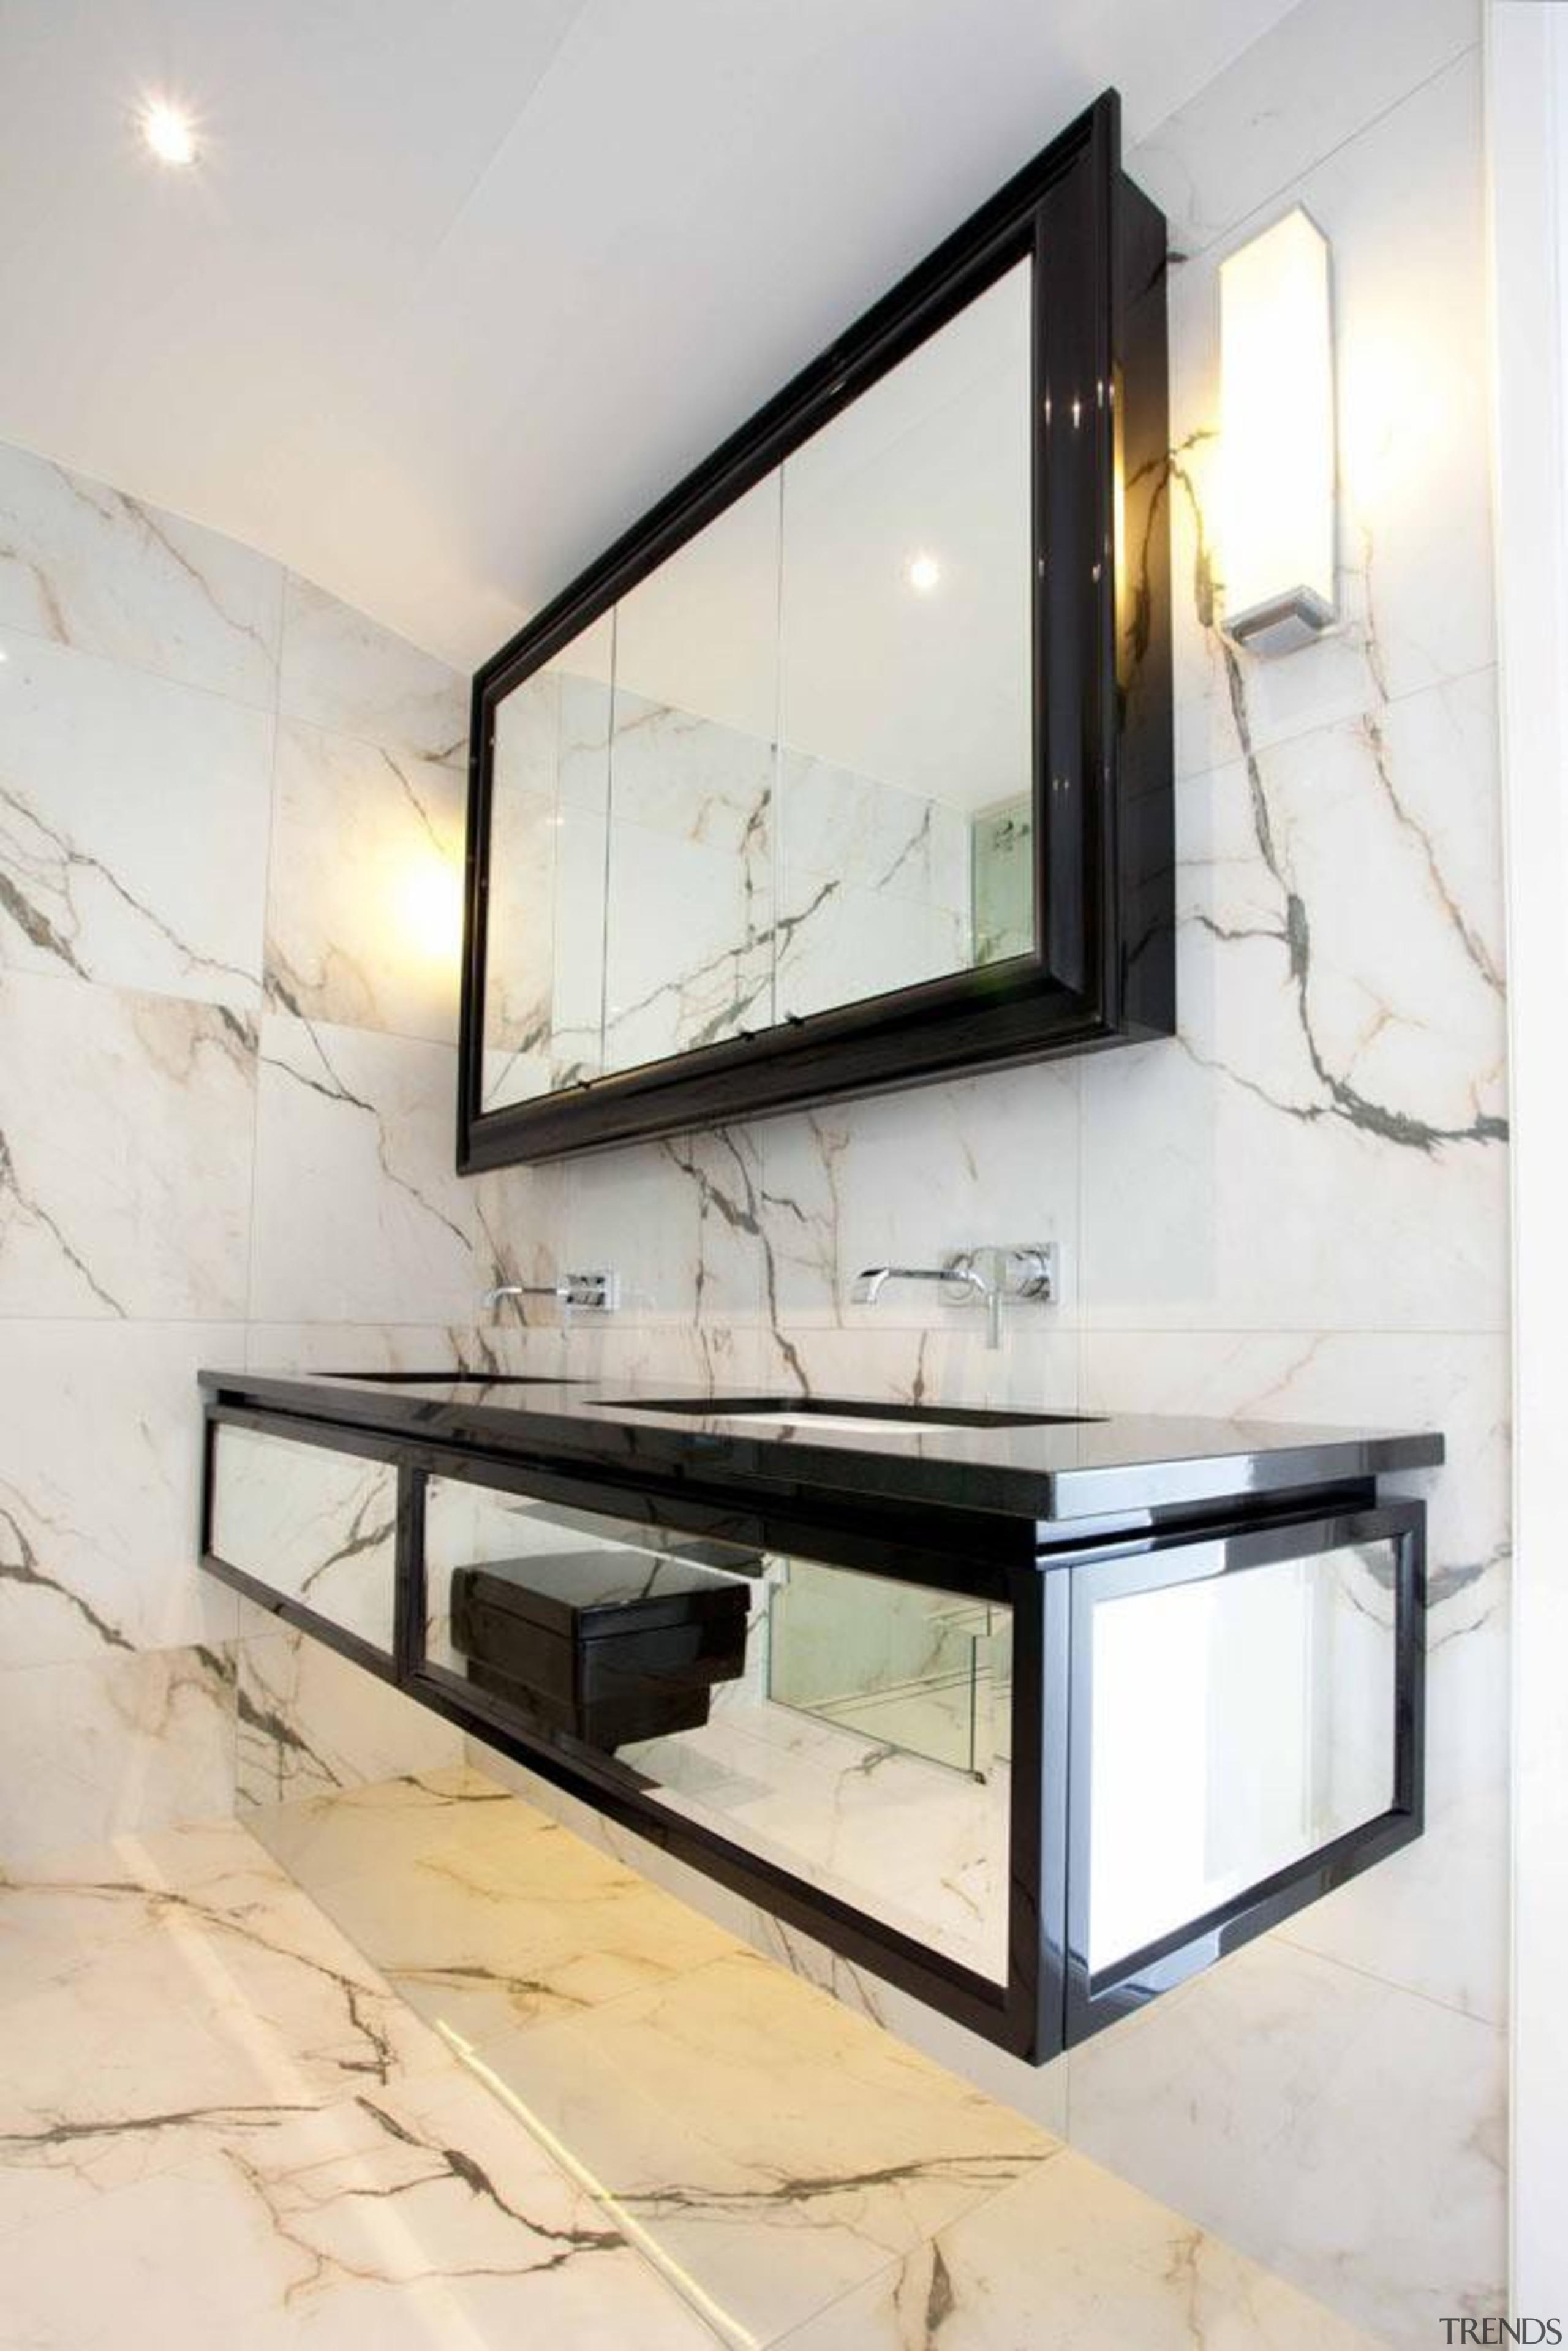 4.jpg - floor | furniture | glass | floor, furniture, glass, interior design, table, white